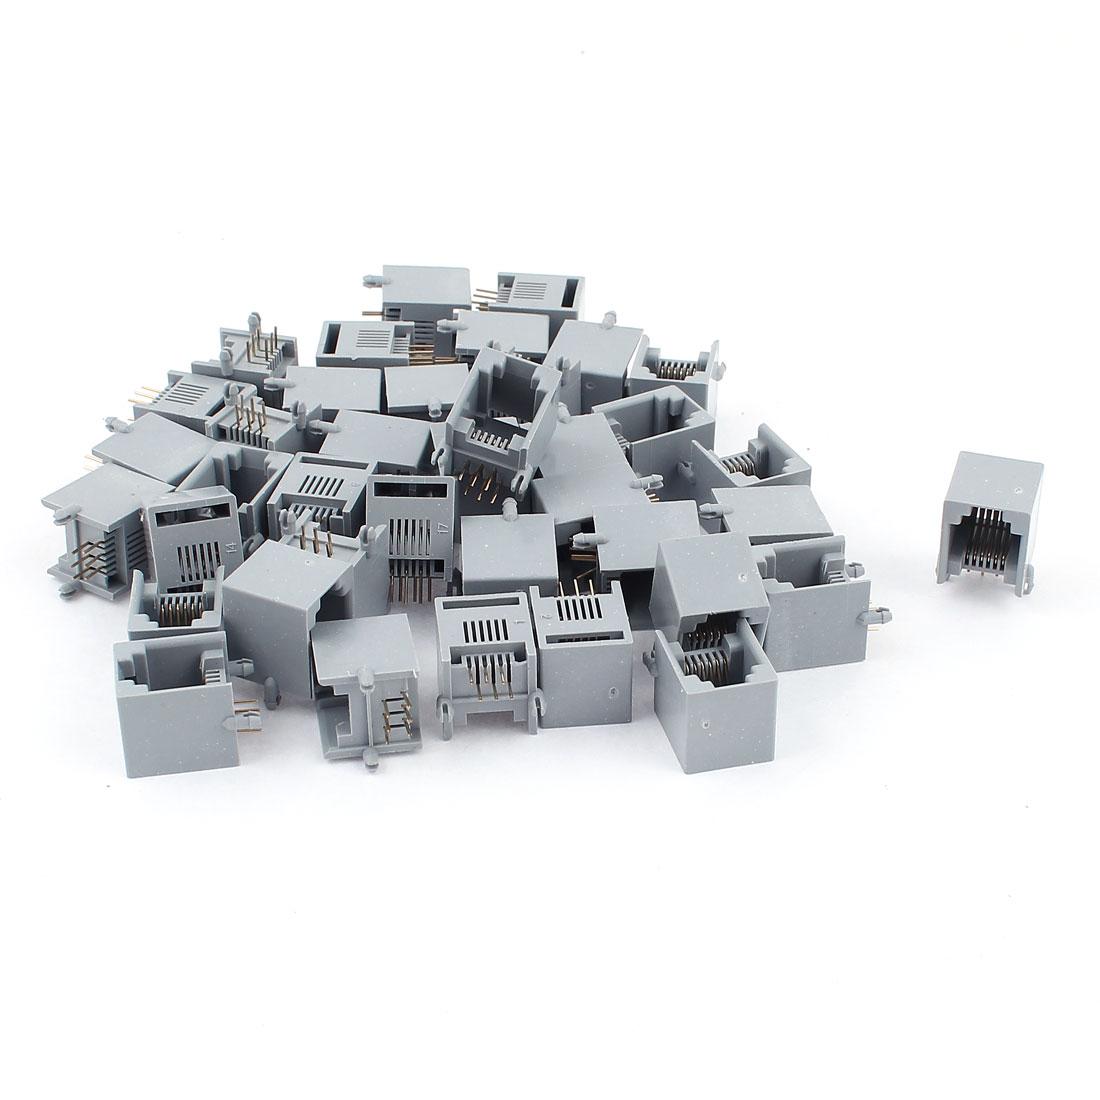 40 Pcs Gray Plastic 180 Degree RJ12 6P6C Telephone Modular PCB Connector Jacks